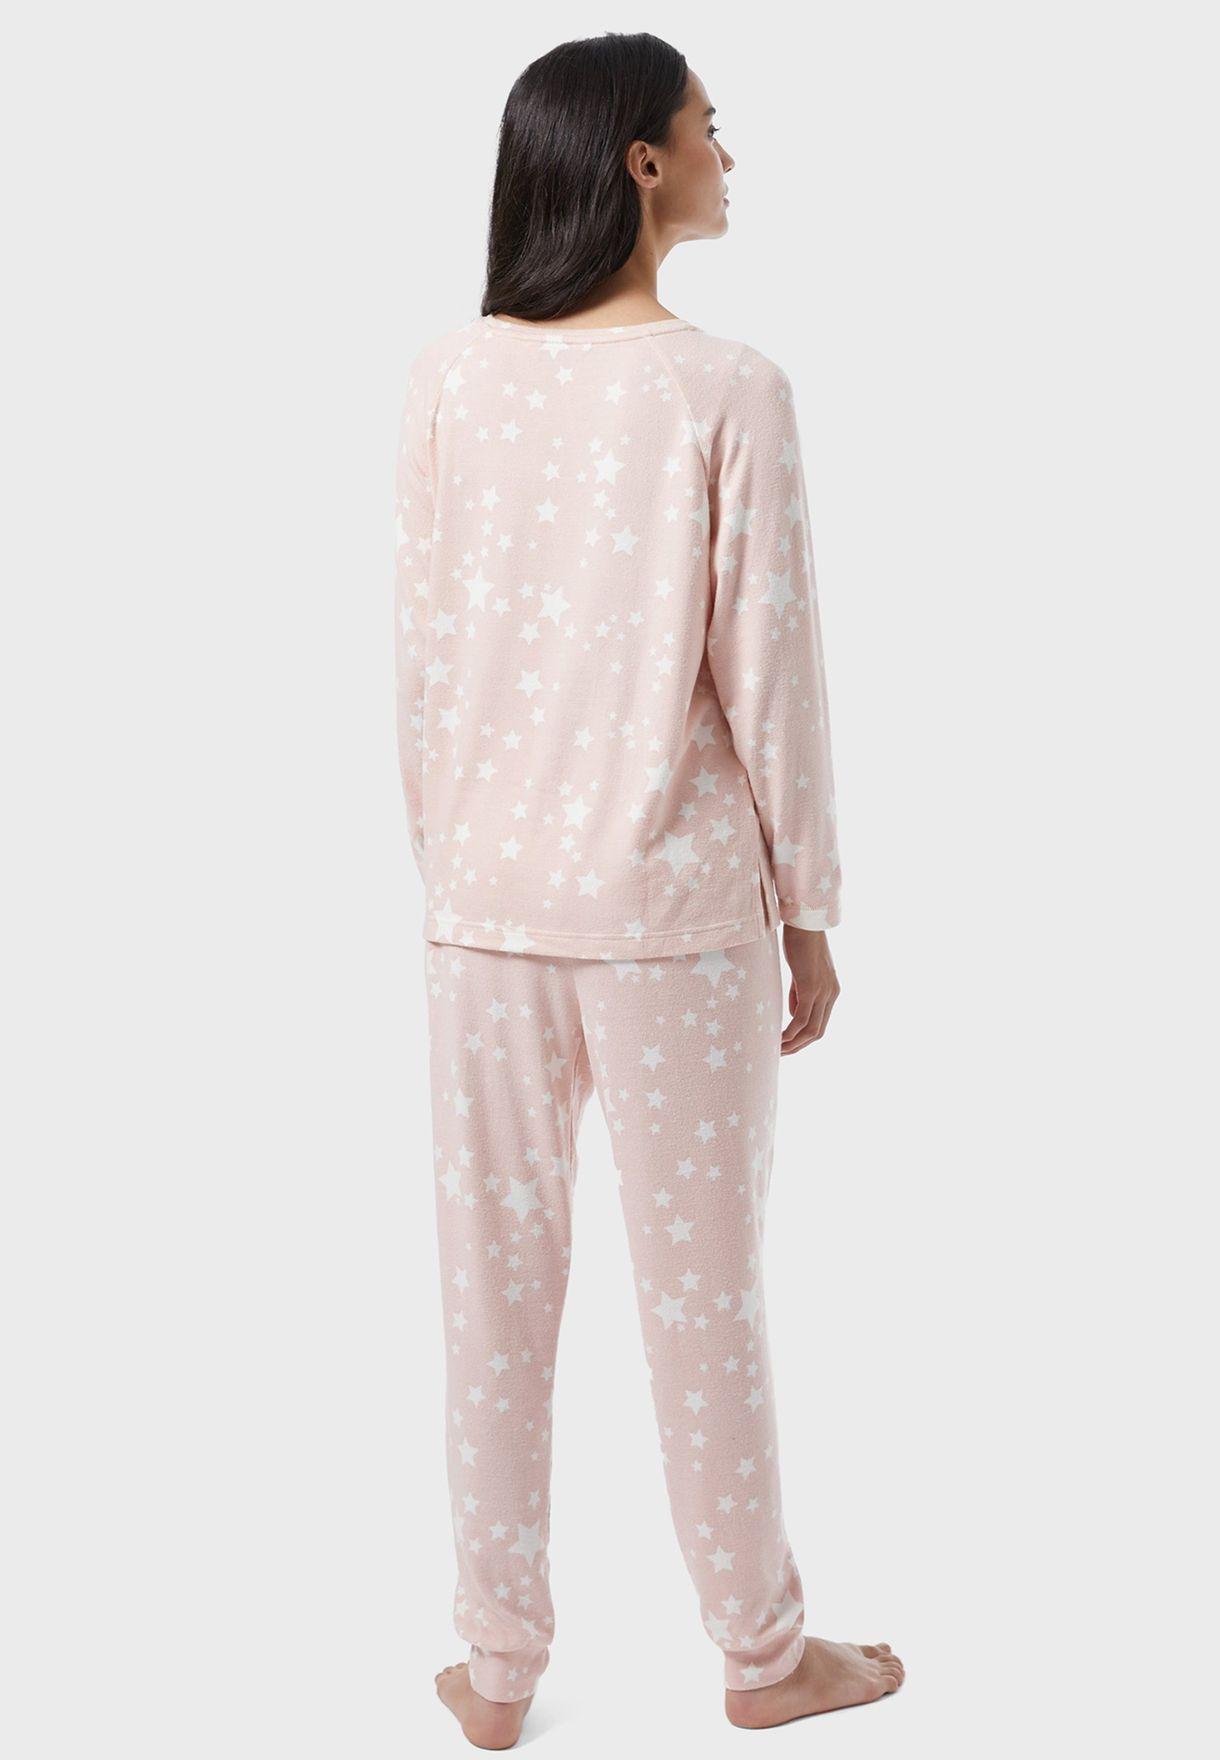 Stars Super soft Pyjama Set